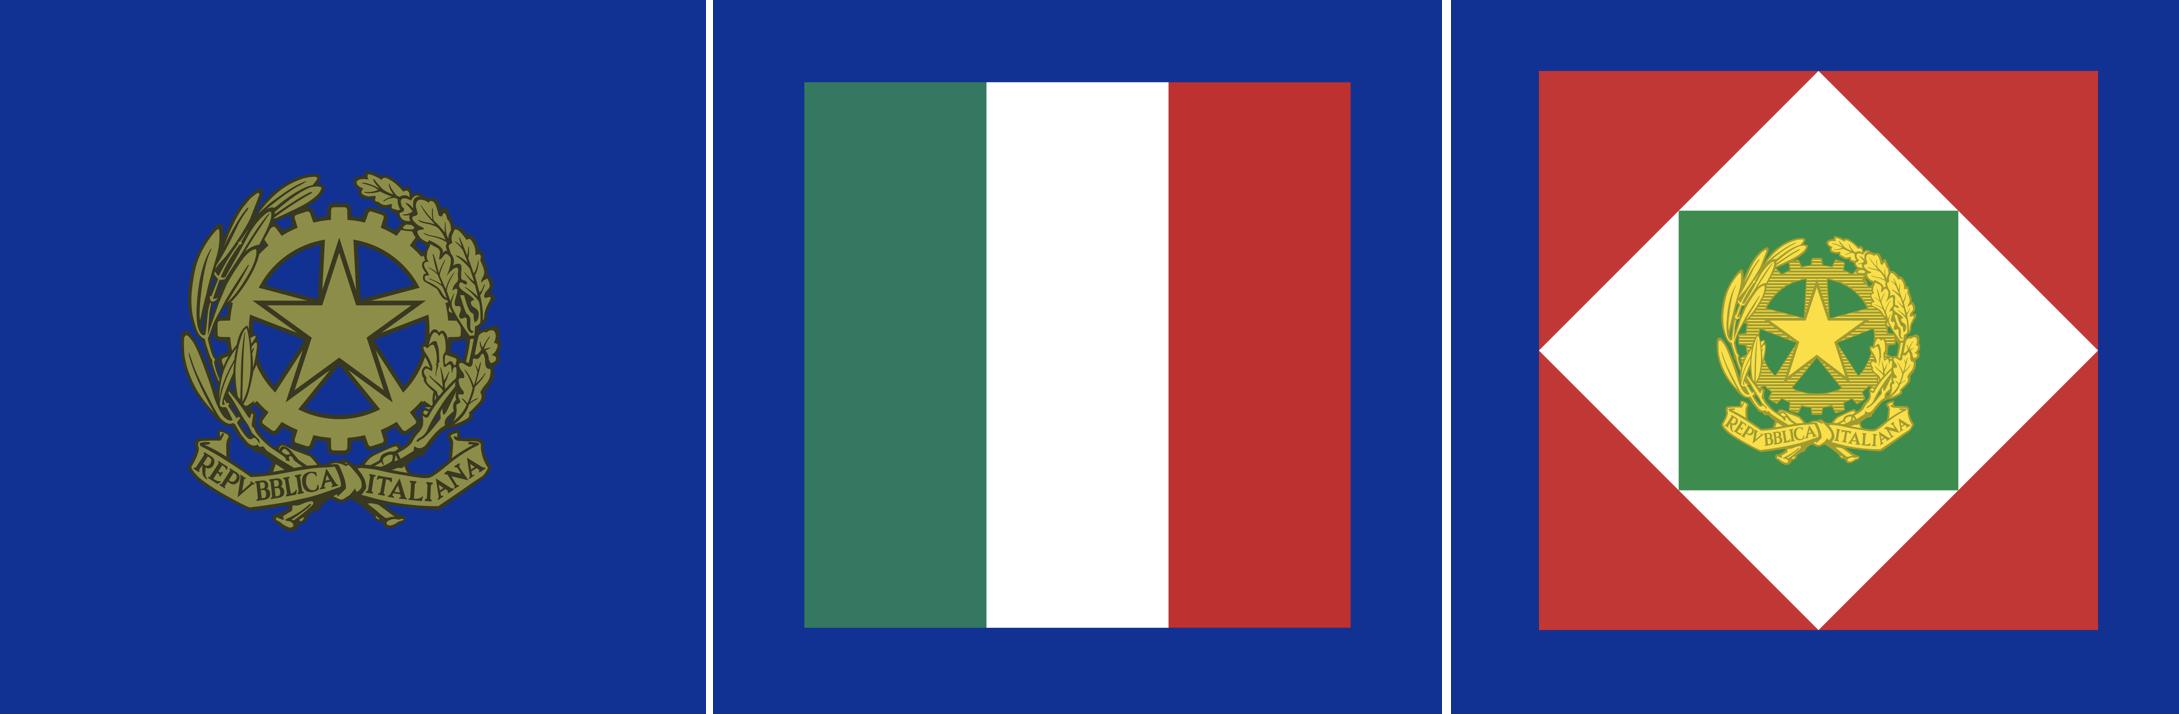 Почему Италия играет в синем, хотя его нет на флаге? Оказывается, все дело в крестоносцах